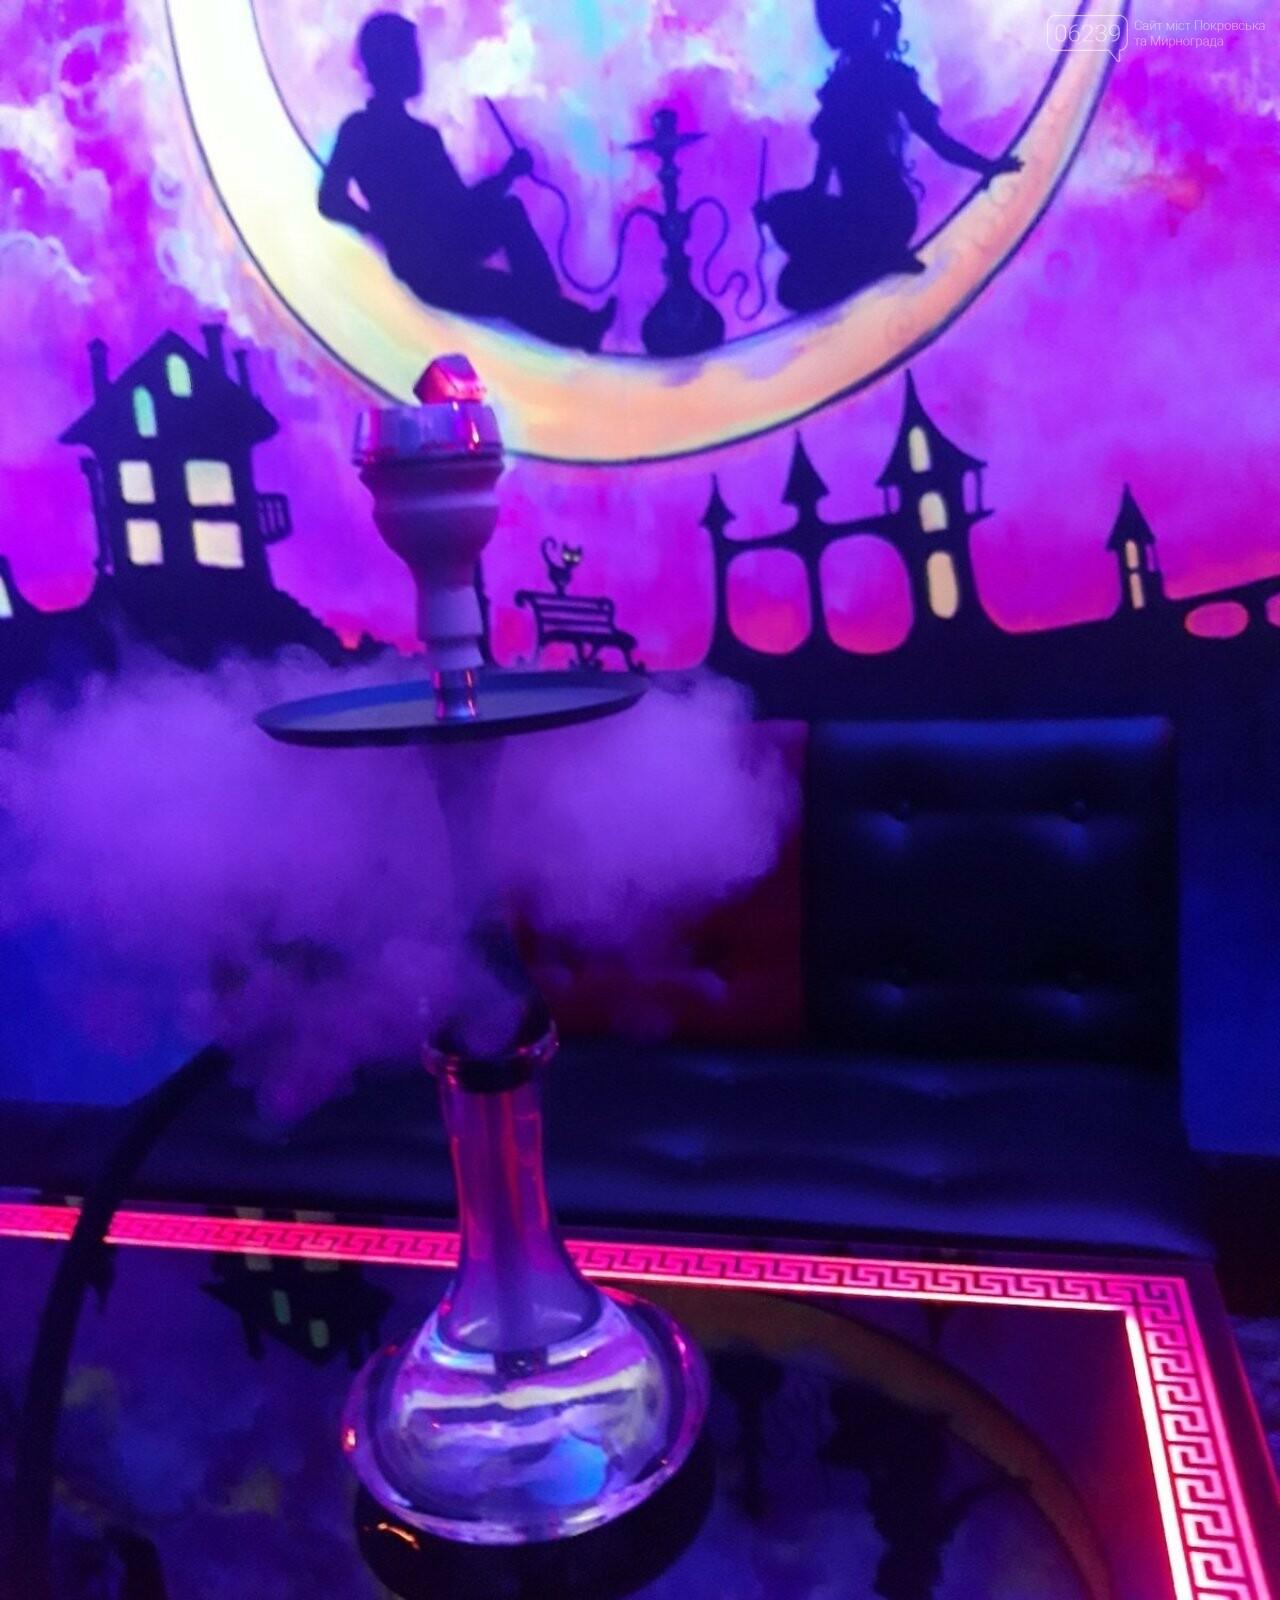 """Подымим со вкусом: в Покровске открылась новая кальянная """"SMOKY ROOM"""", фото-5"""